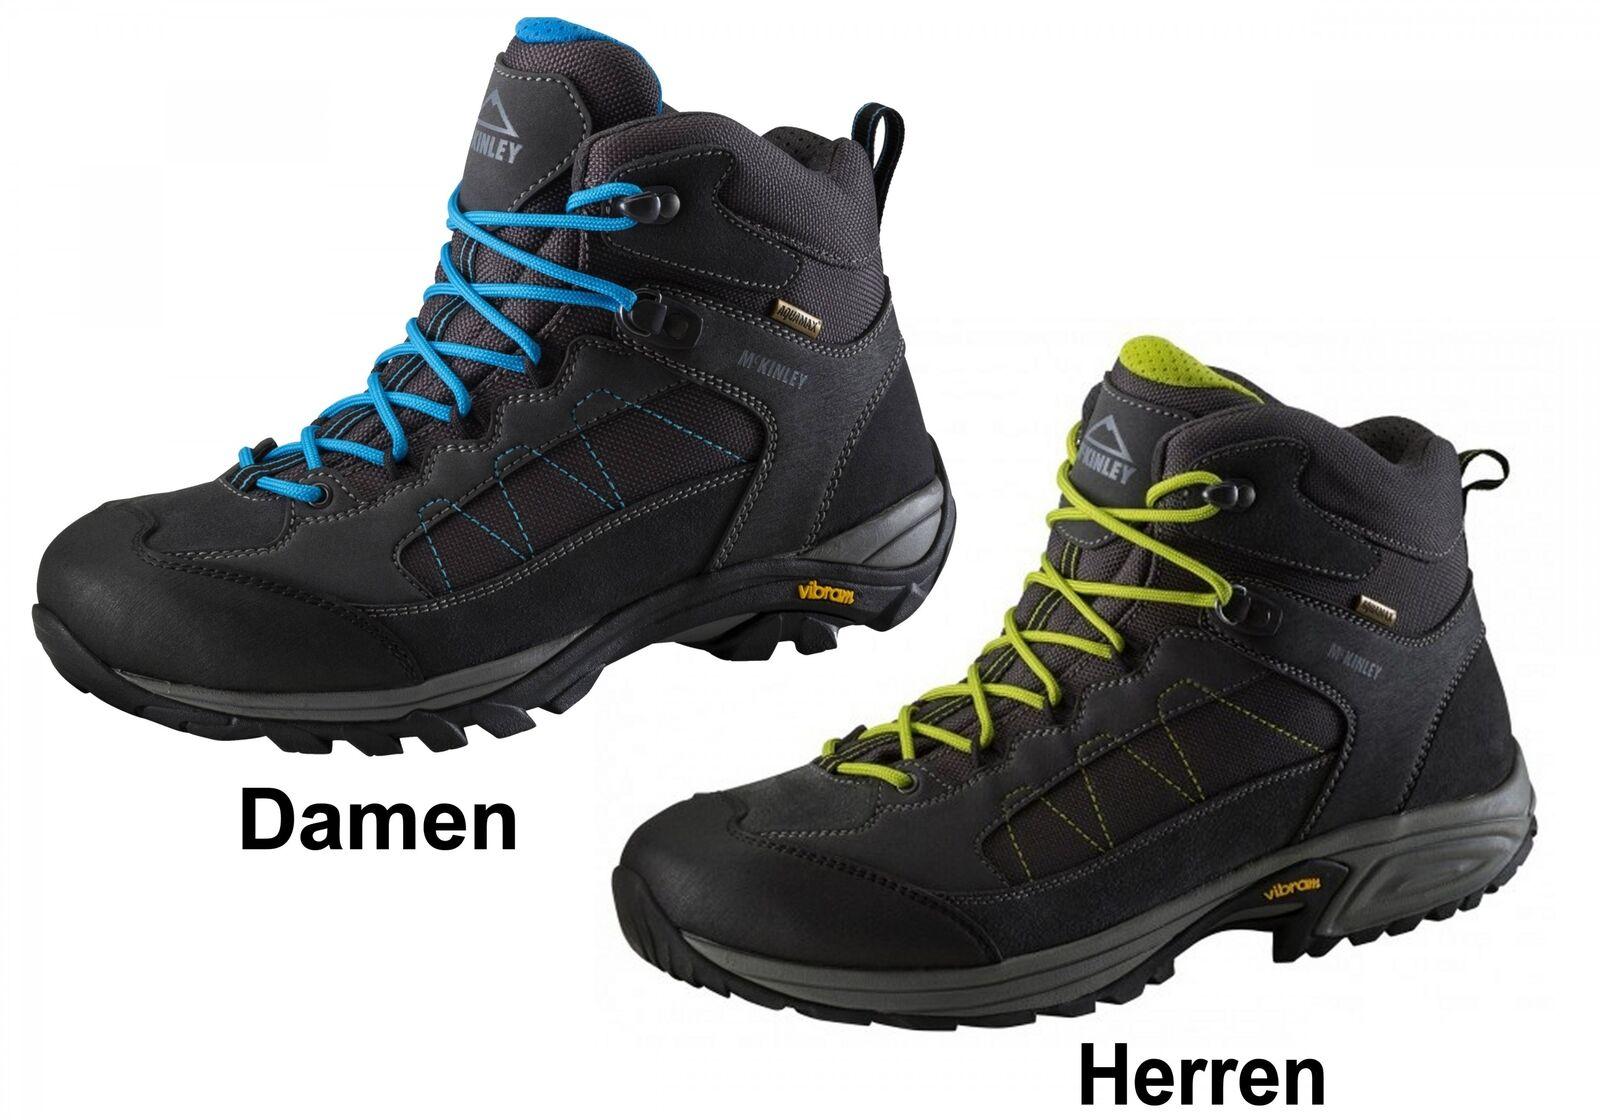 McKinley Leder Trekking MID Wander Outdoor Stiefel Denali MID Trekking Stiefel Schuhe Vibram 0955c4